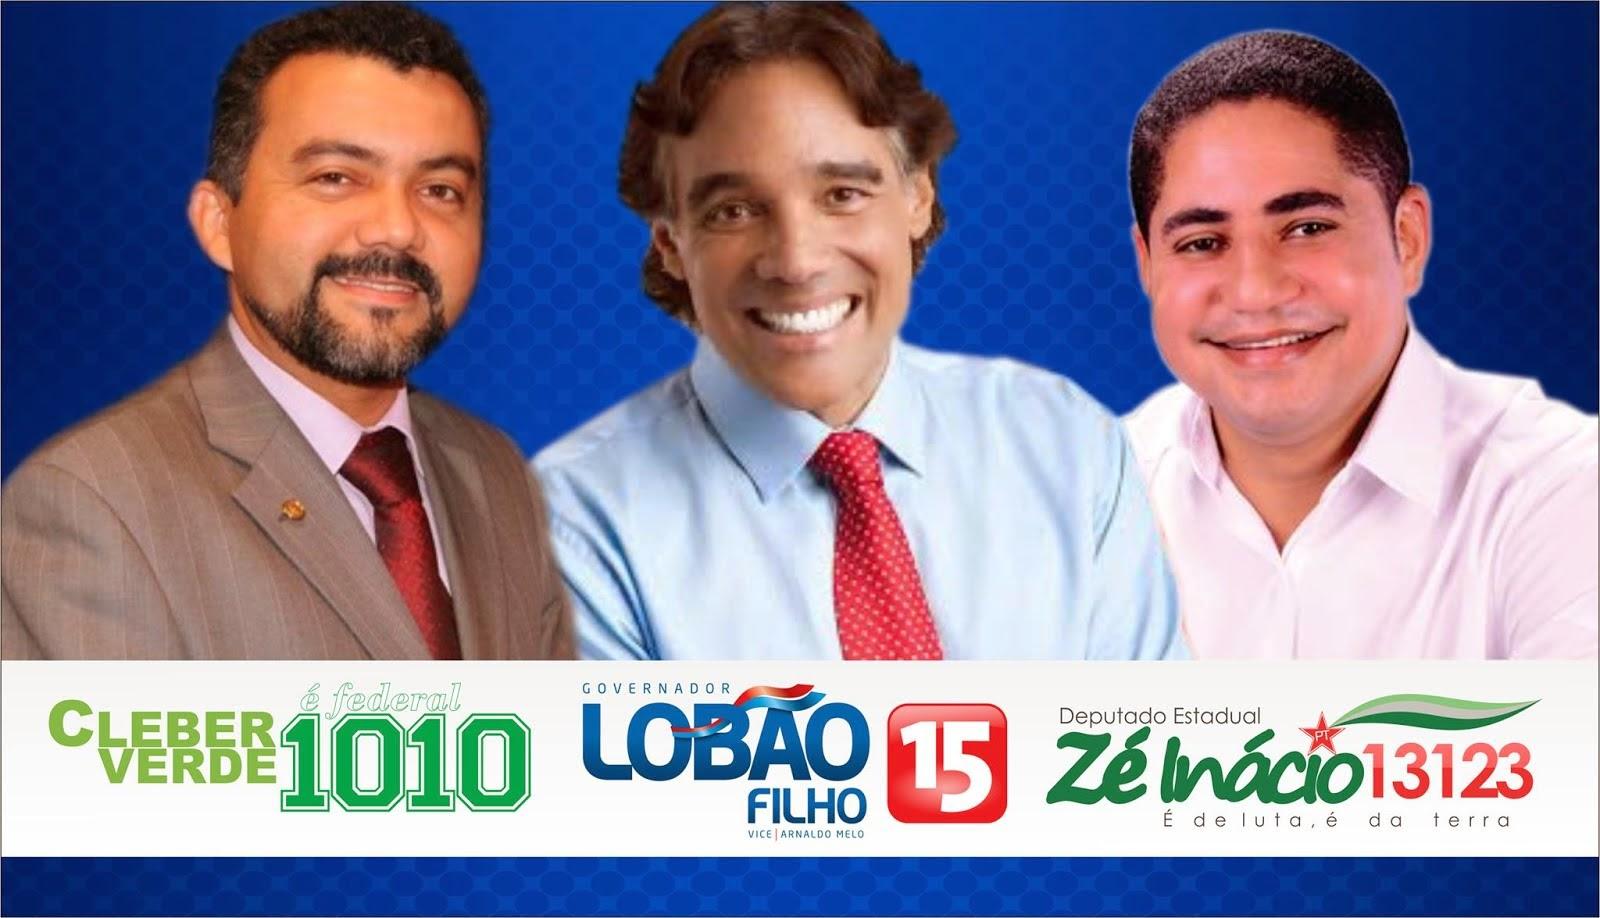 Pra frente, Maranhão!